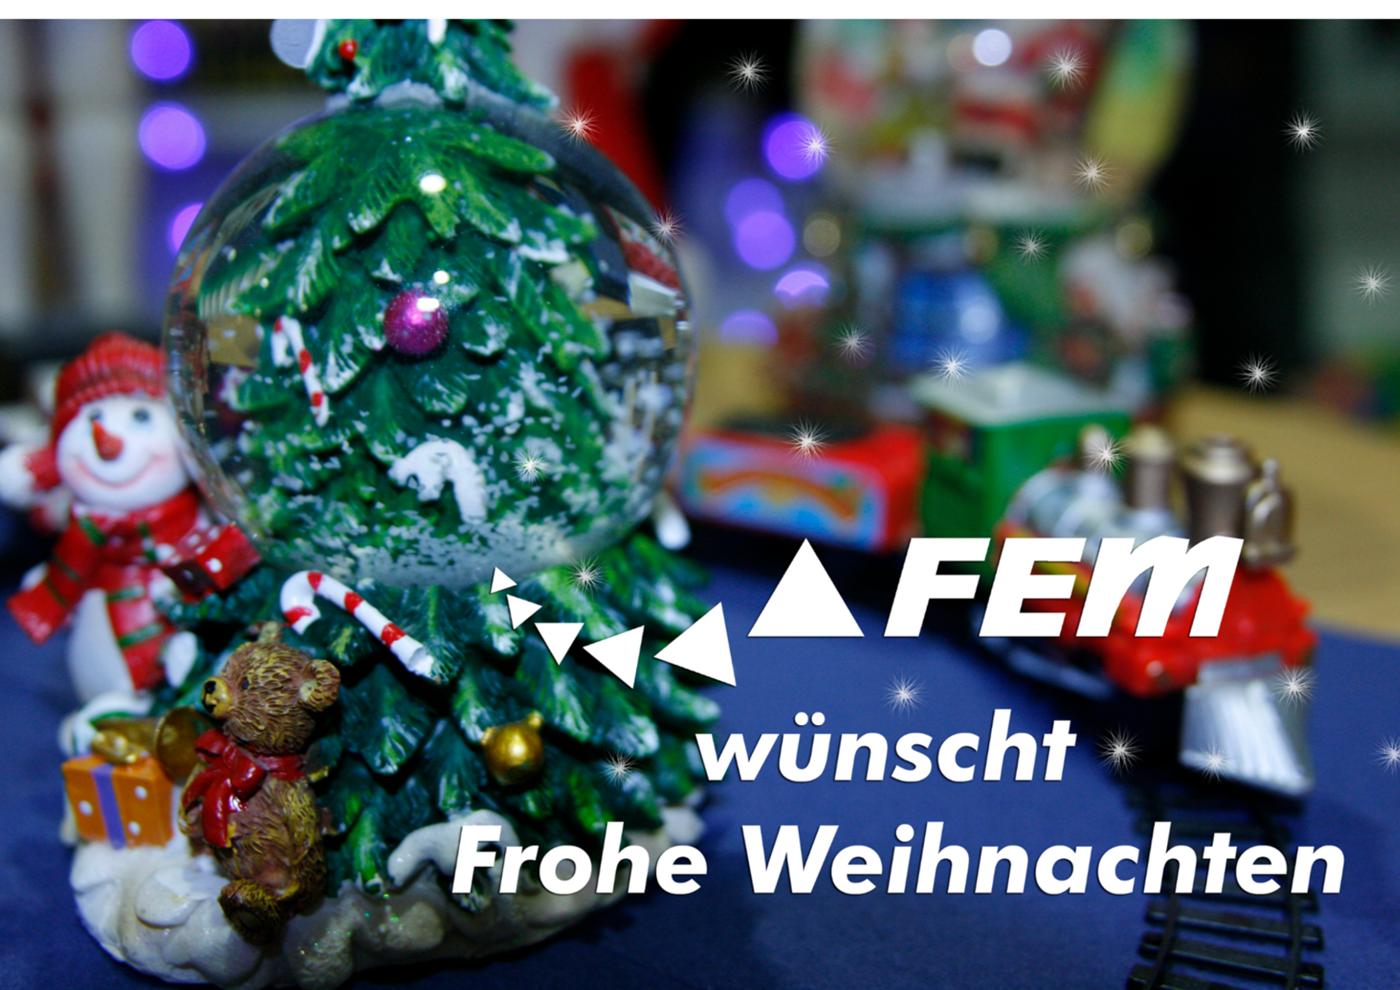 Ich Wünsche Euch Frohe Weihnachten Und Ein Gutes Neues Jahr.Einzelansicht Istuff Ilmenauer Studentenfernsehfunk